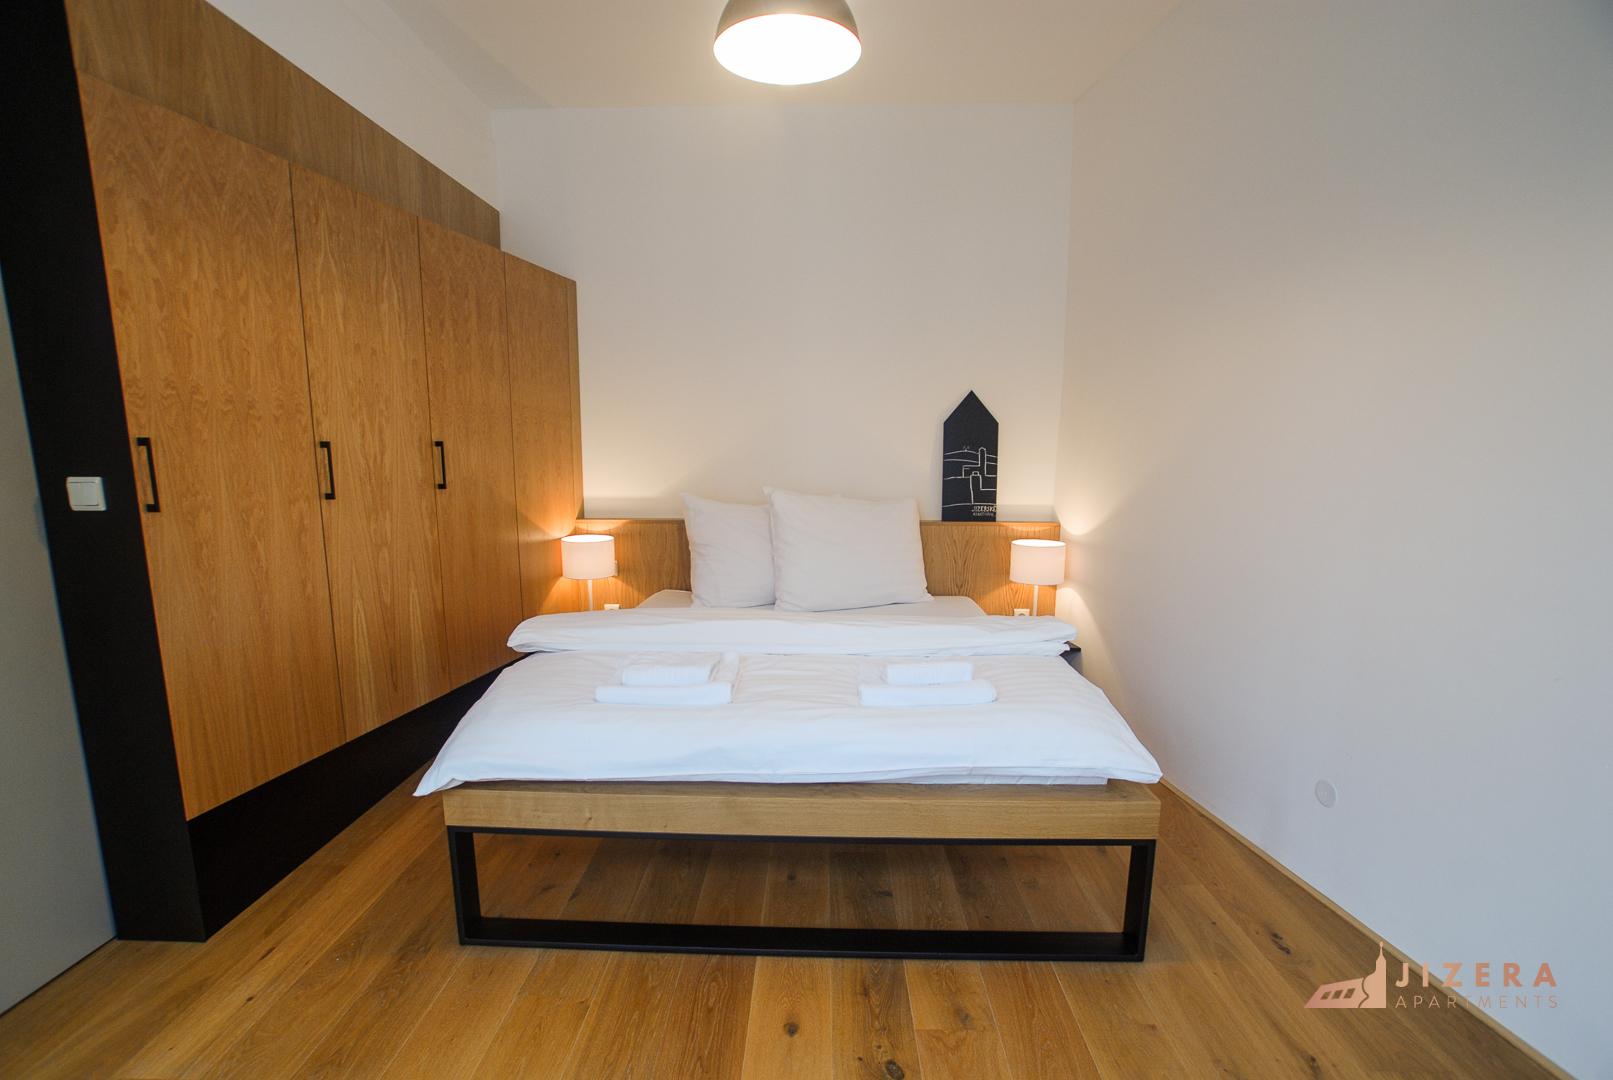 apartmany-soukenna-0110